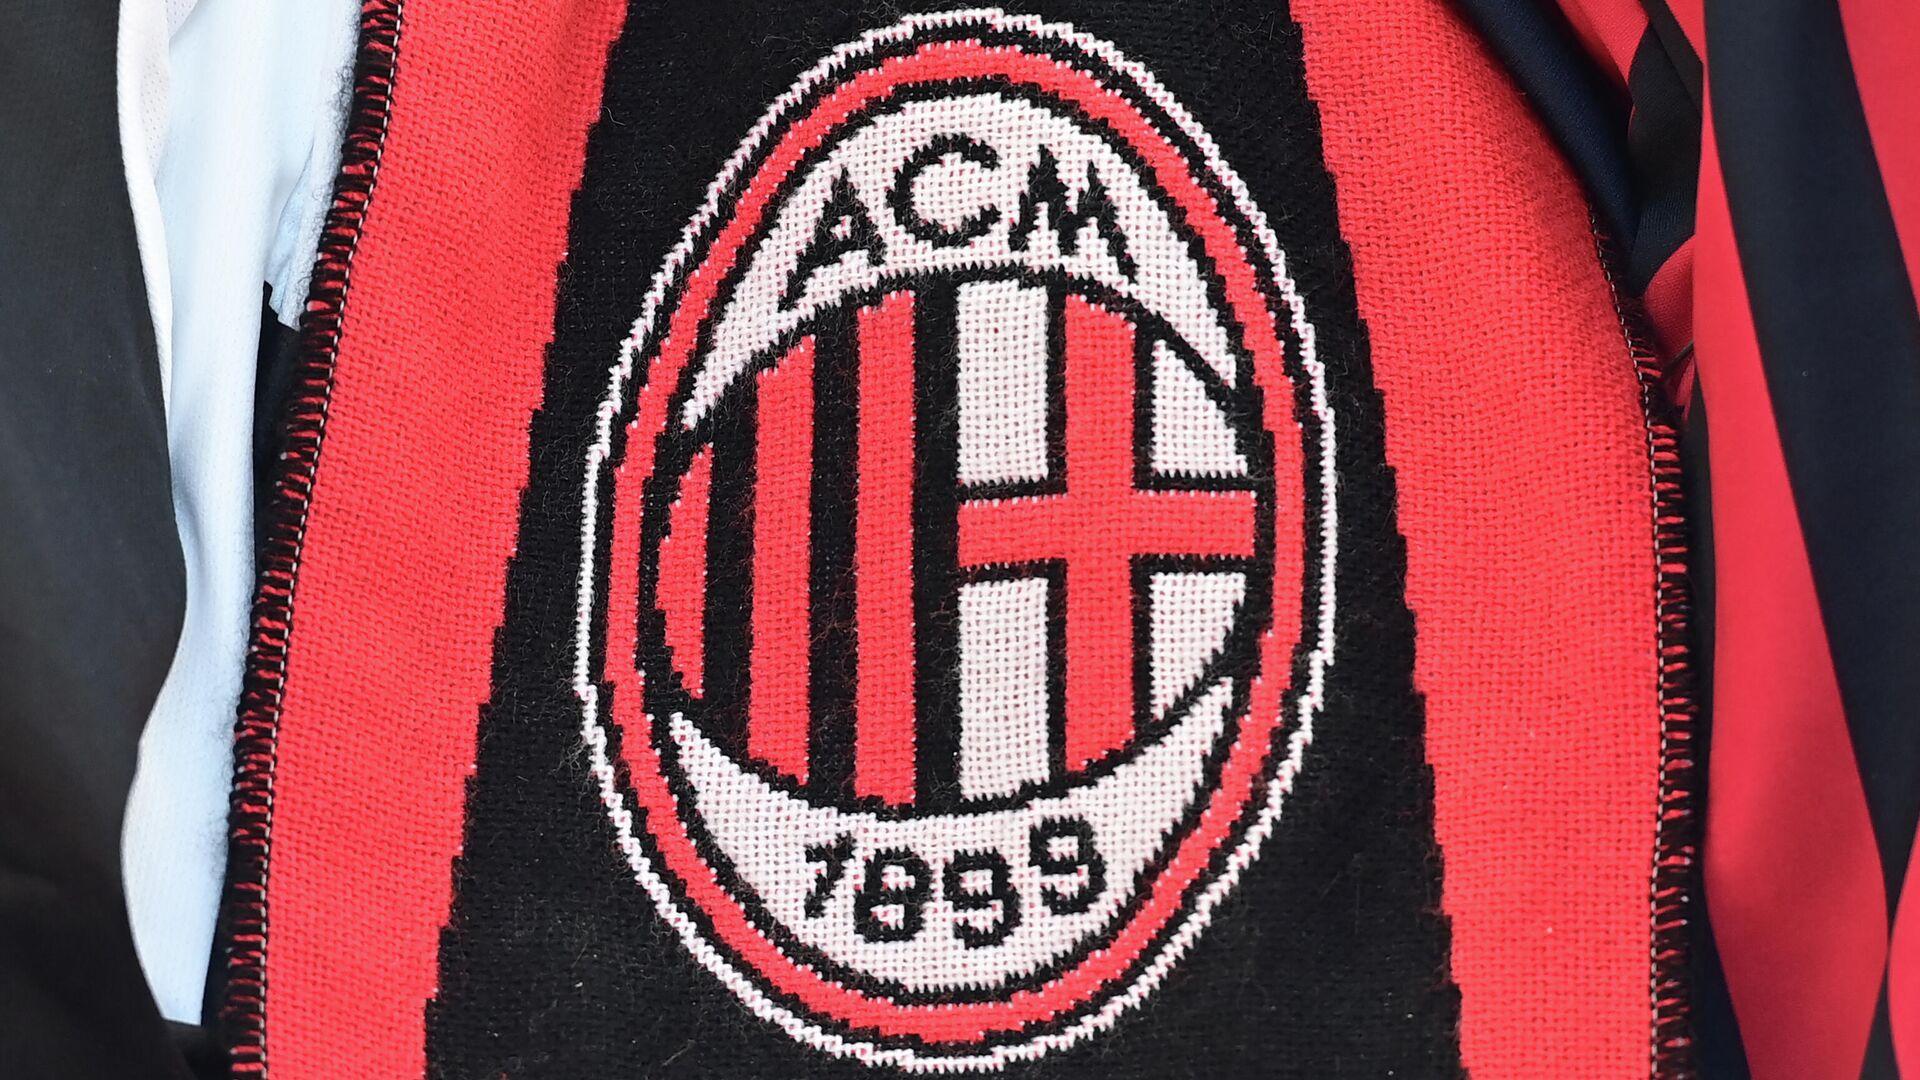 Эмблема футбольного клуба Милан - РИА Новости, 1920, 21.04.2021